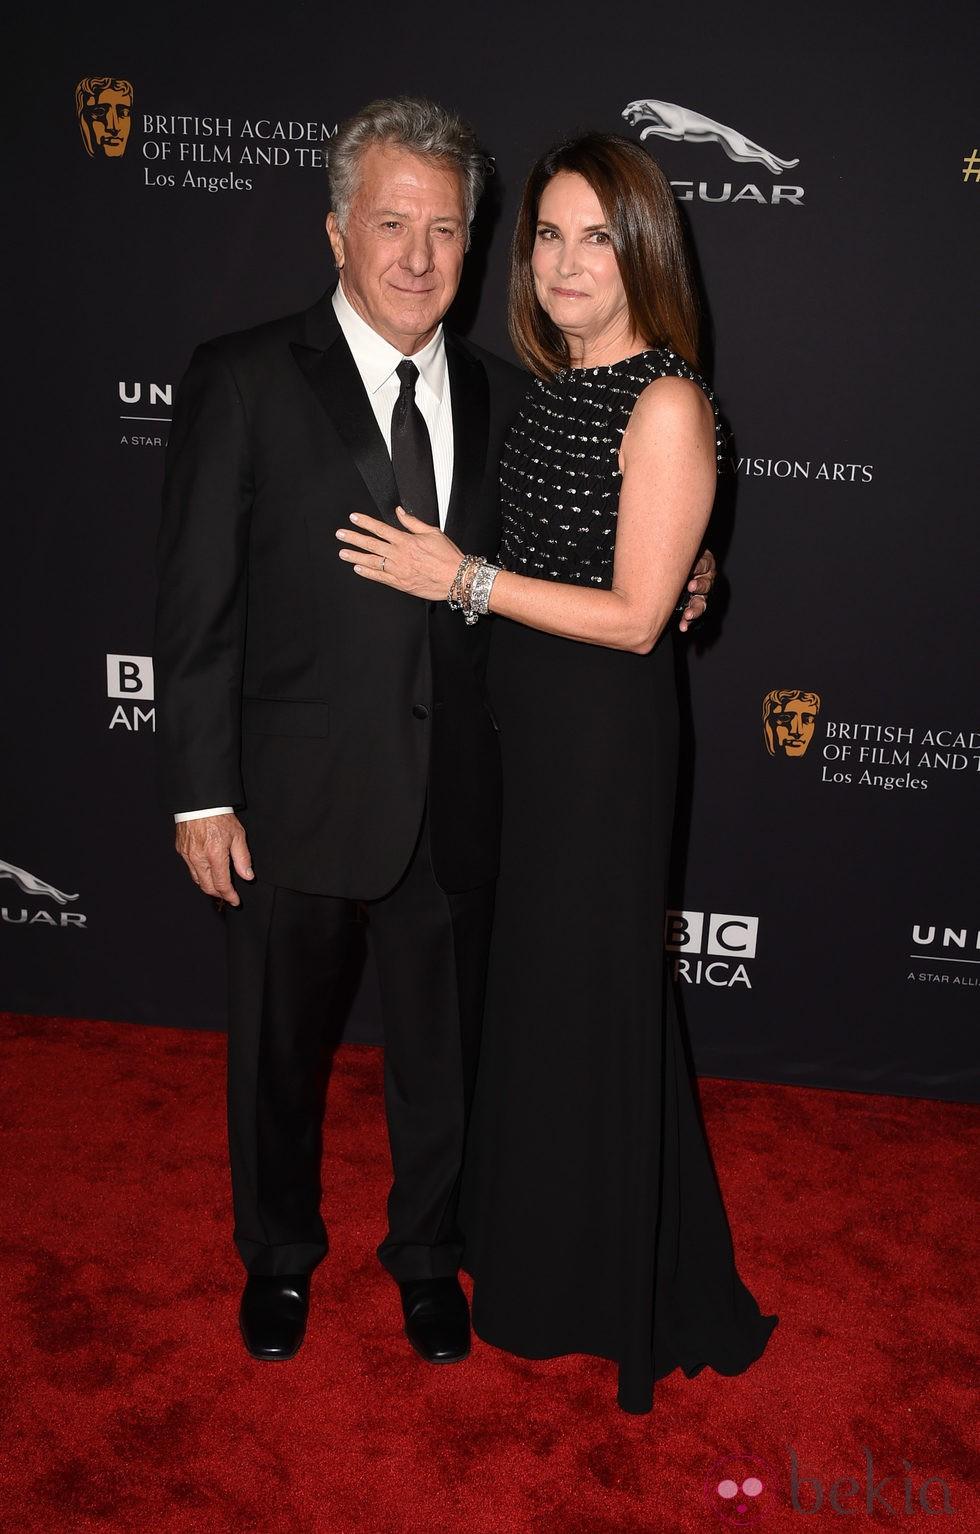 Dustin Hoffman y su mujer Lisa en la entrega de los Premios Bafta Britannia 2014